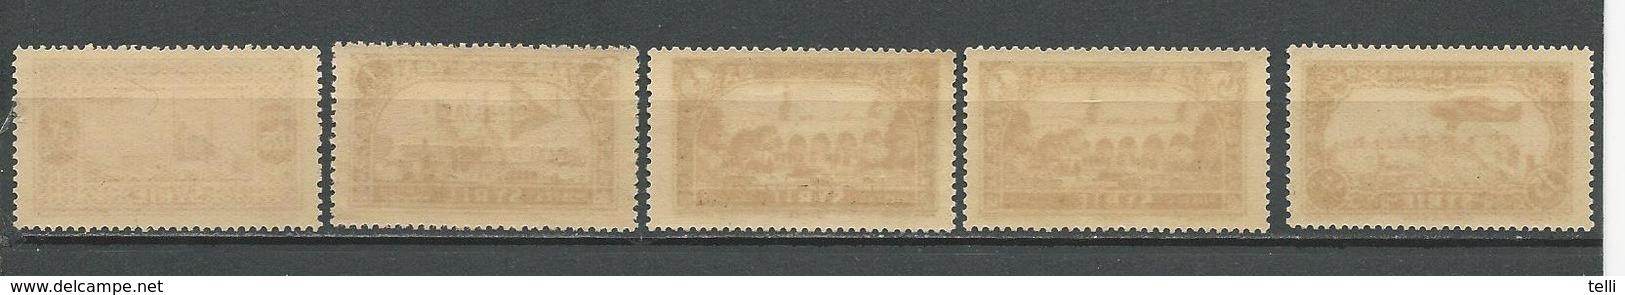 ALEXANDRETTE Scott 13-17 Yvert 13-17 (5) ** Cote 375,00 $ 1938 RARE Dans Cet état VOIR SCAN - Alexandrette (1938)